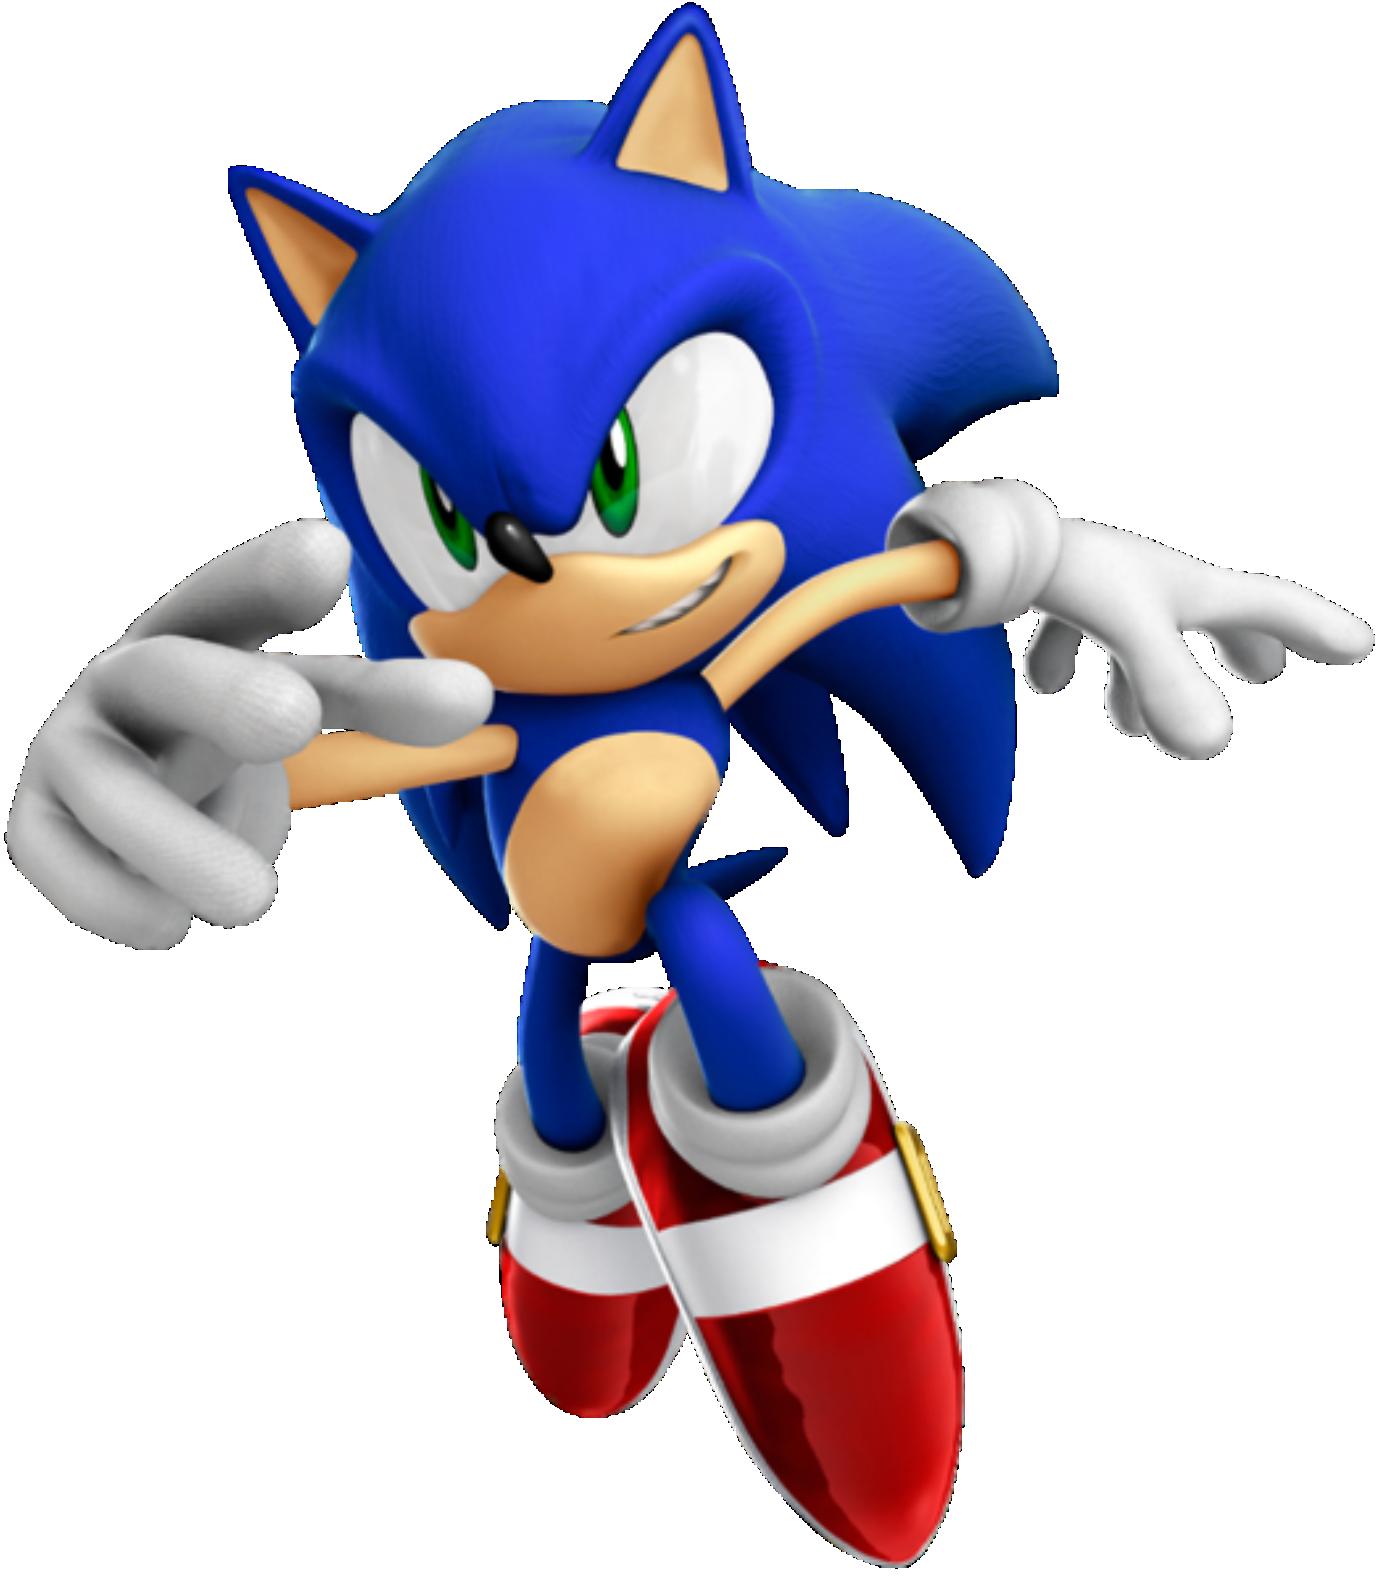 Novo Sonic PNG Imagens E Moldes.com.br